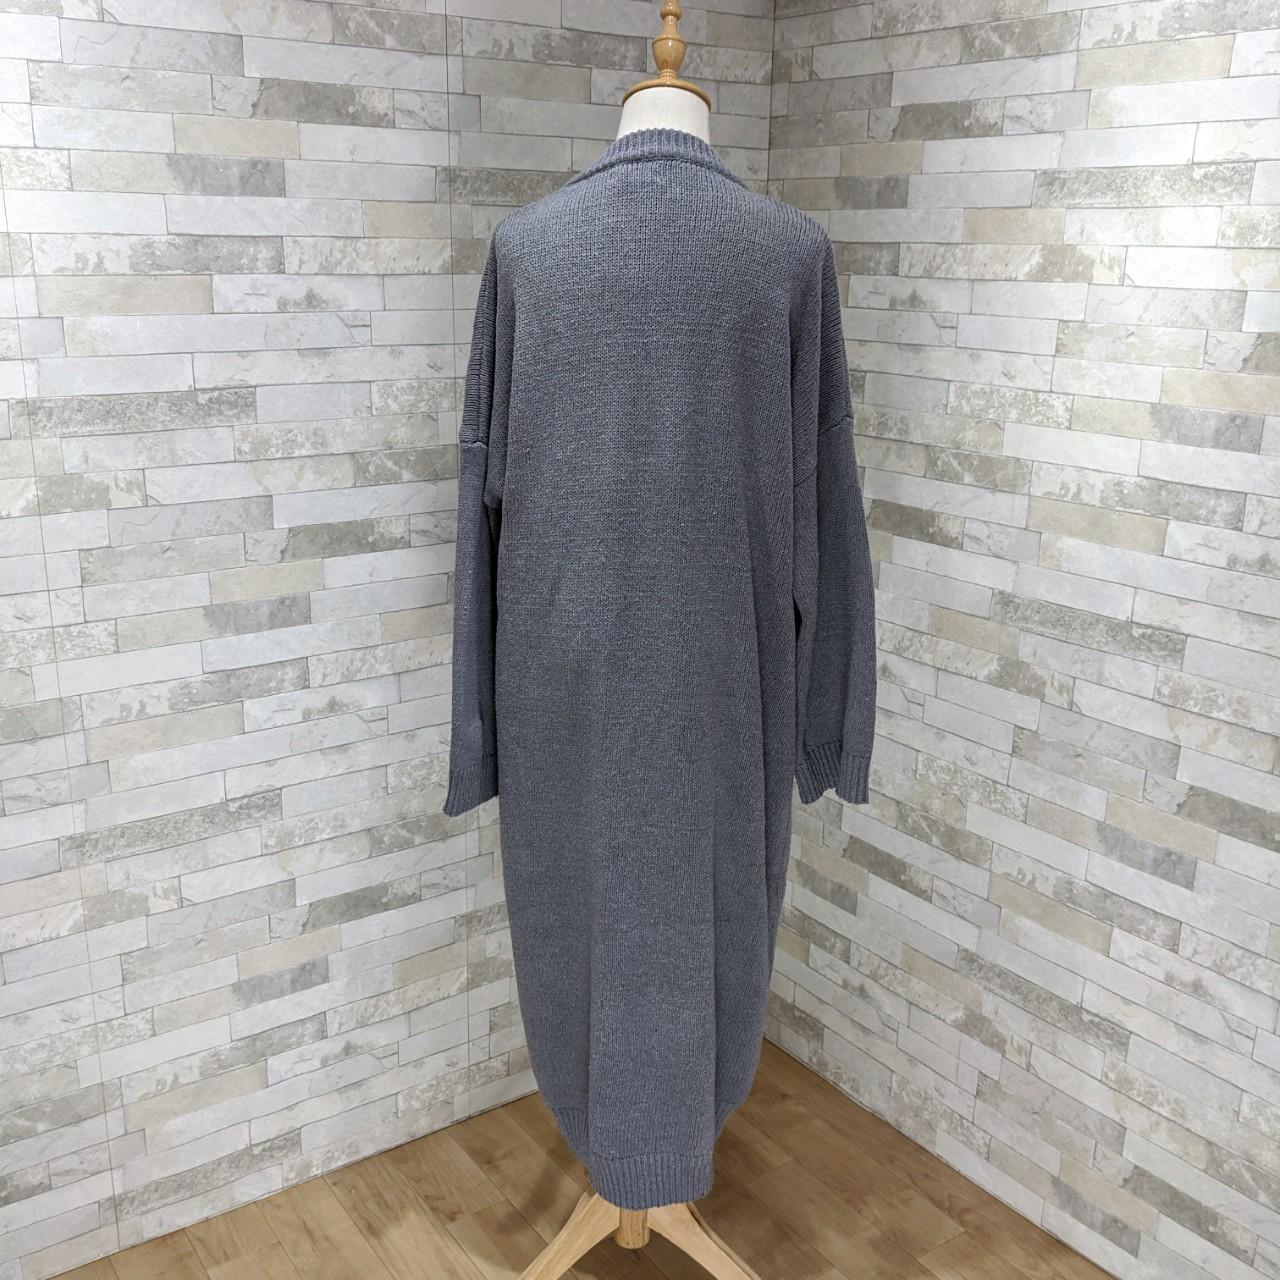 【即納】韓国 ファッション ワンピース 秋 冬 カジュアル SPTXH166  ゆったり リブニットワンピ ビッグシルエット オルチャン シンプル 定番 セレカジの写真7枚目